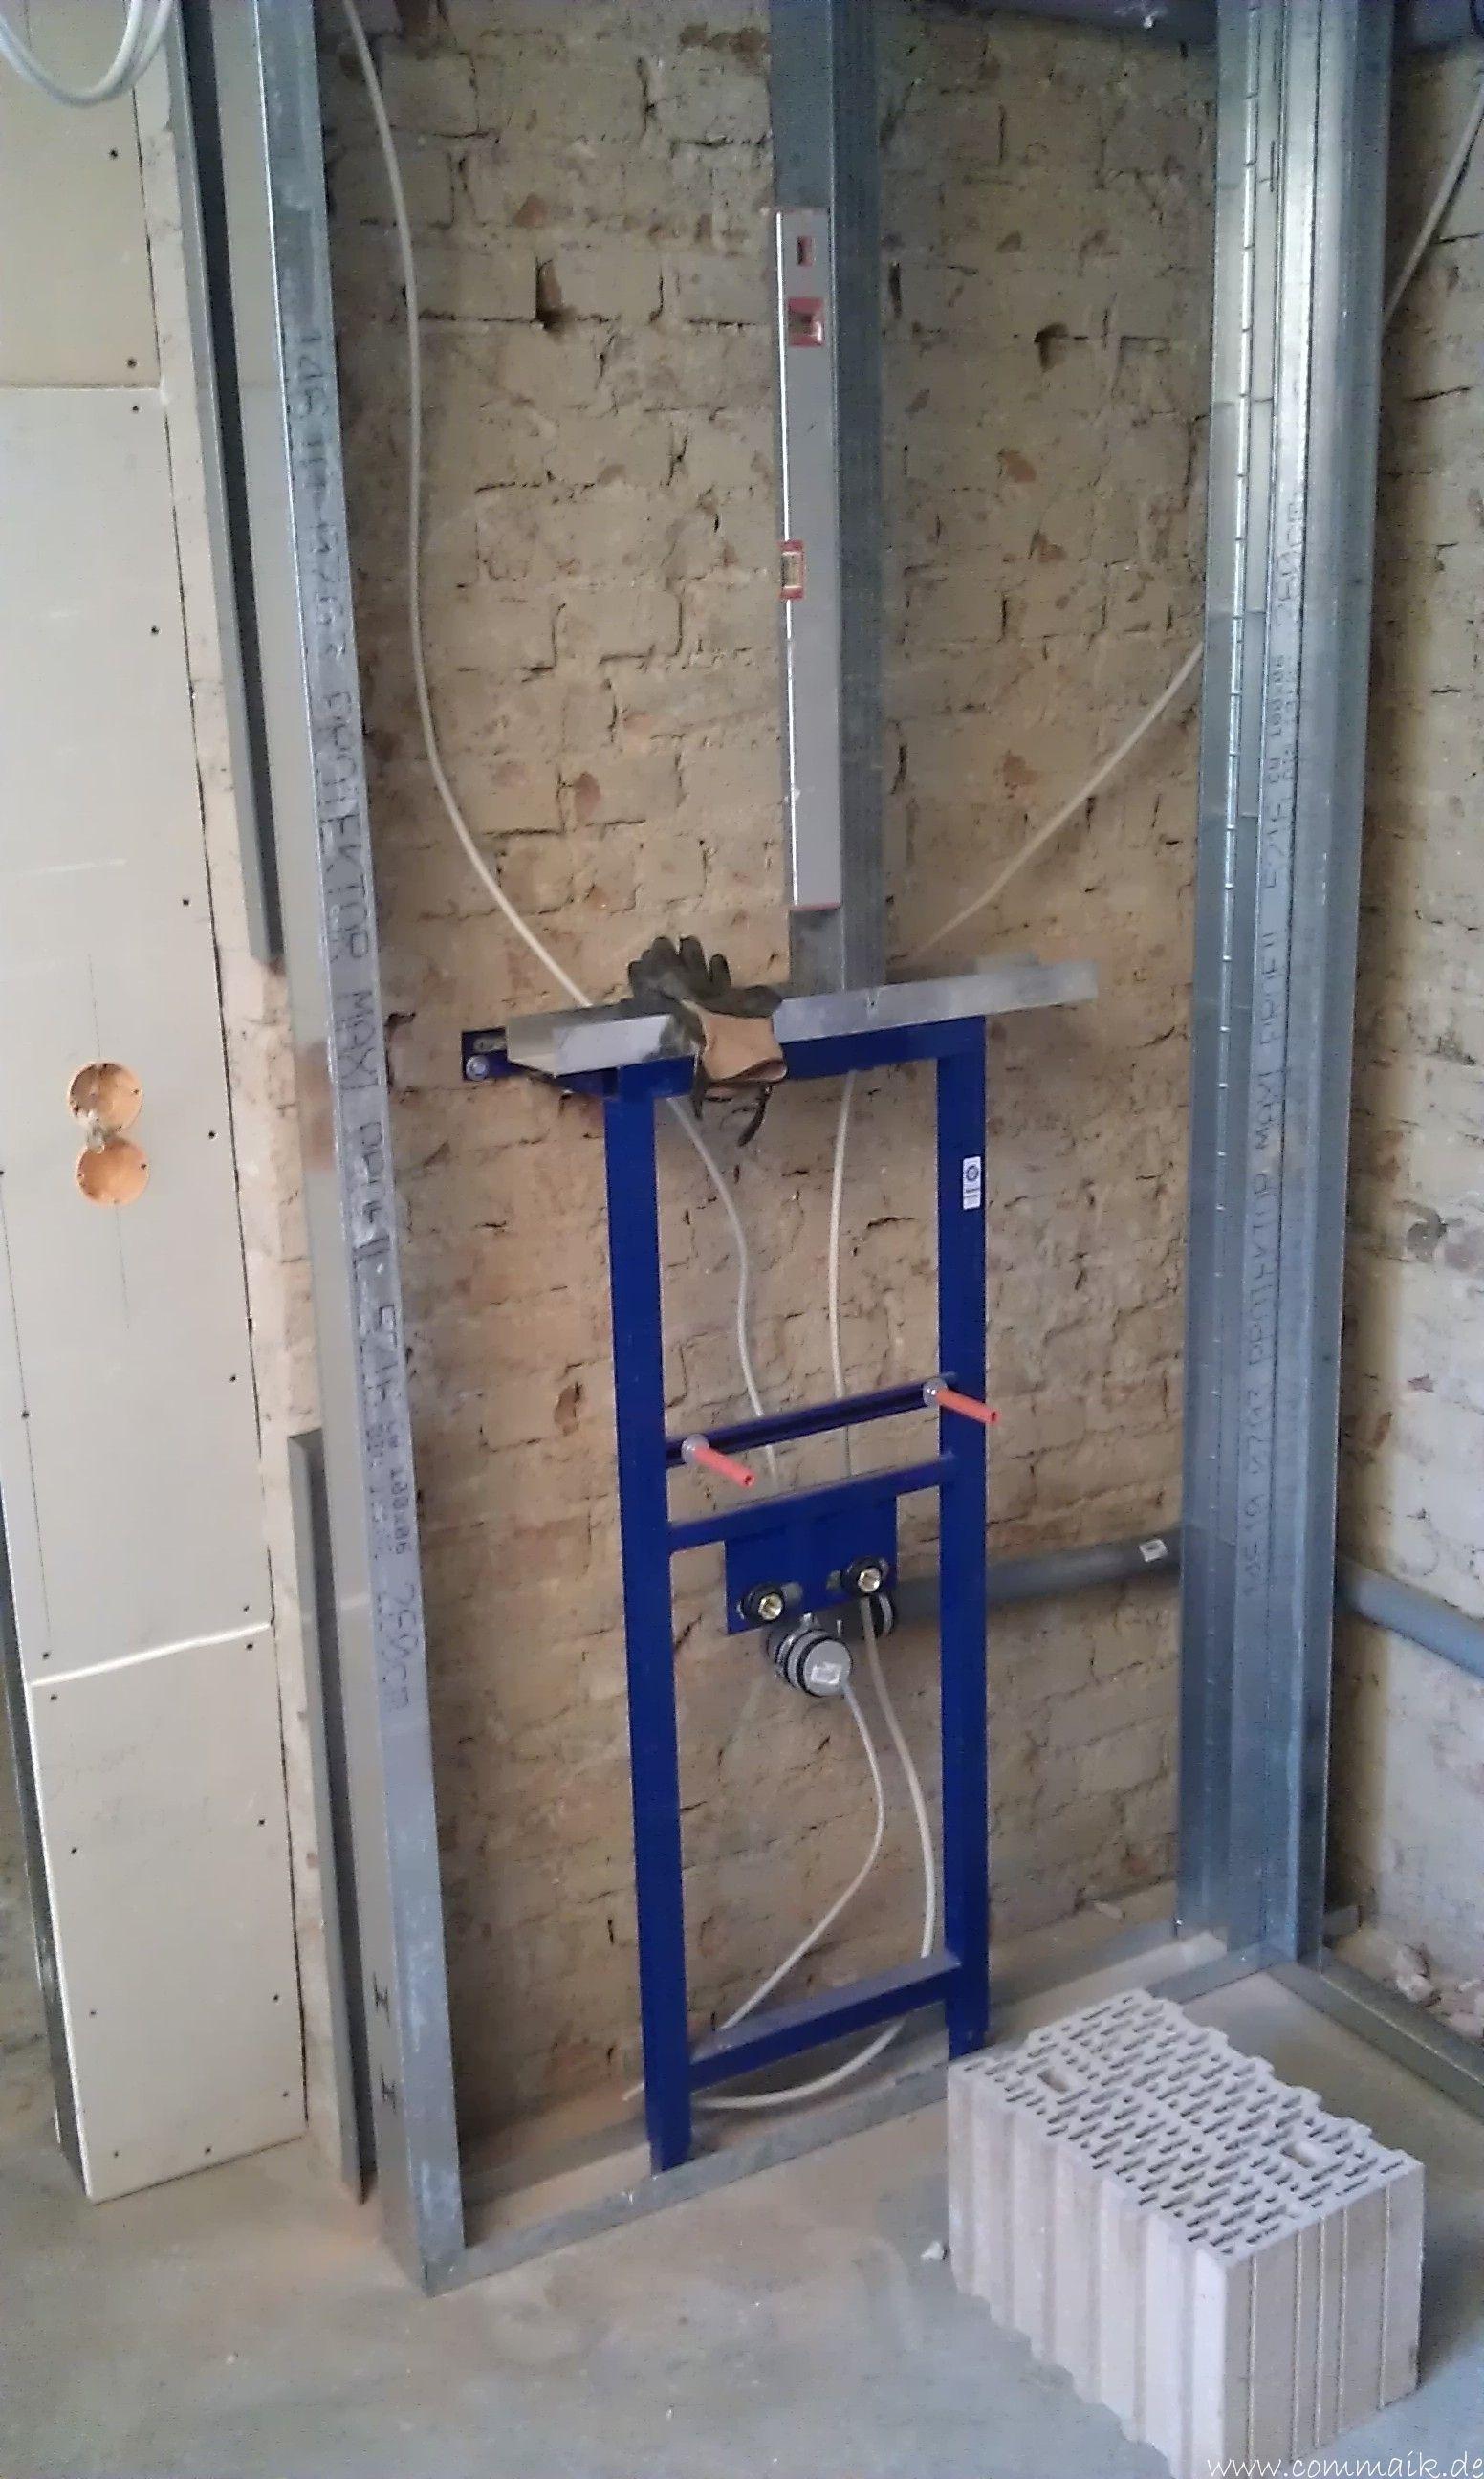 Trockenbau Und Sanitarinstallation Im Keller Die Kundentoilette Entsteht Trockenbau Badezimmer Im Keller Im Keller